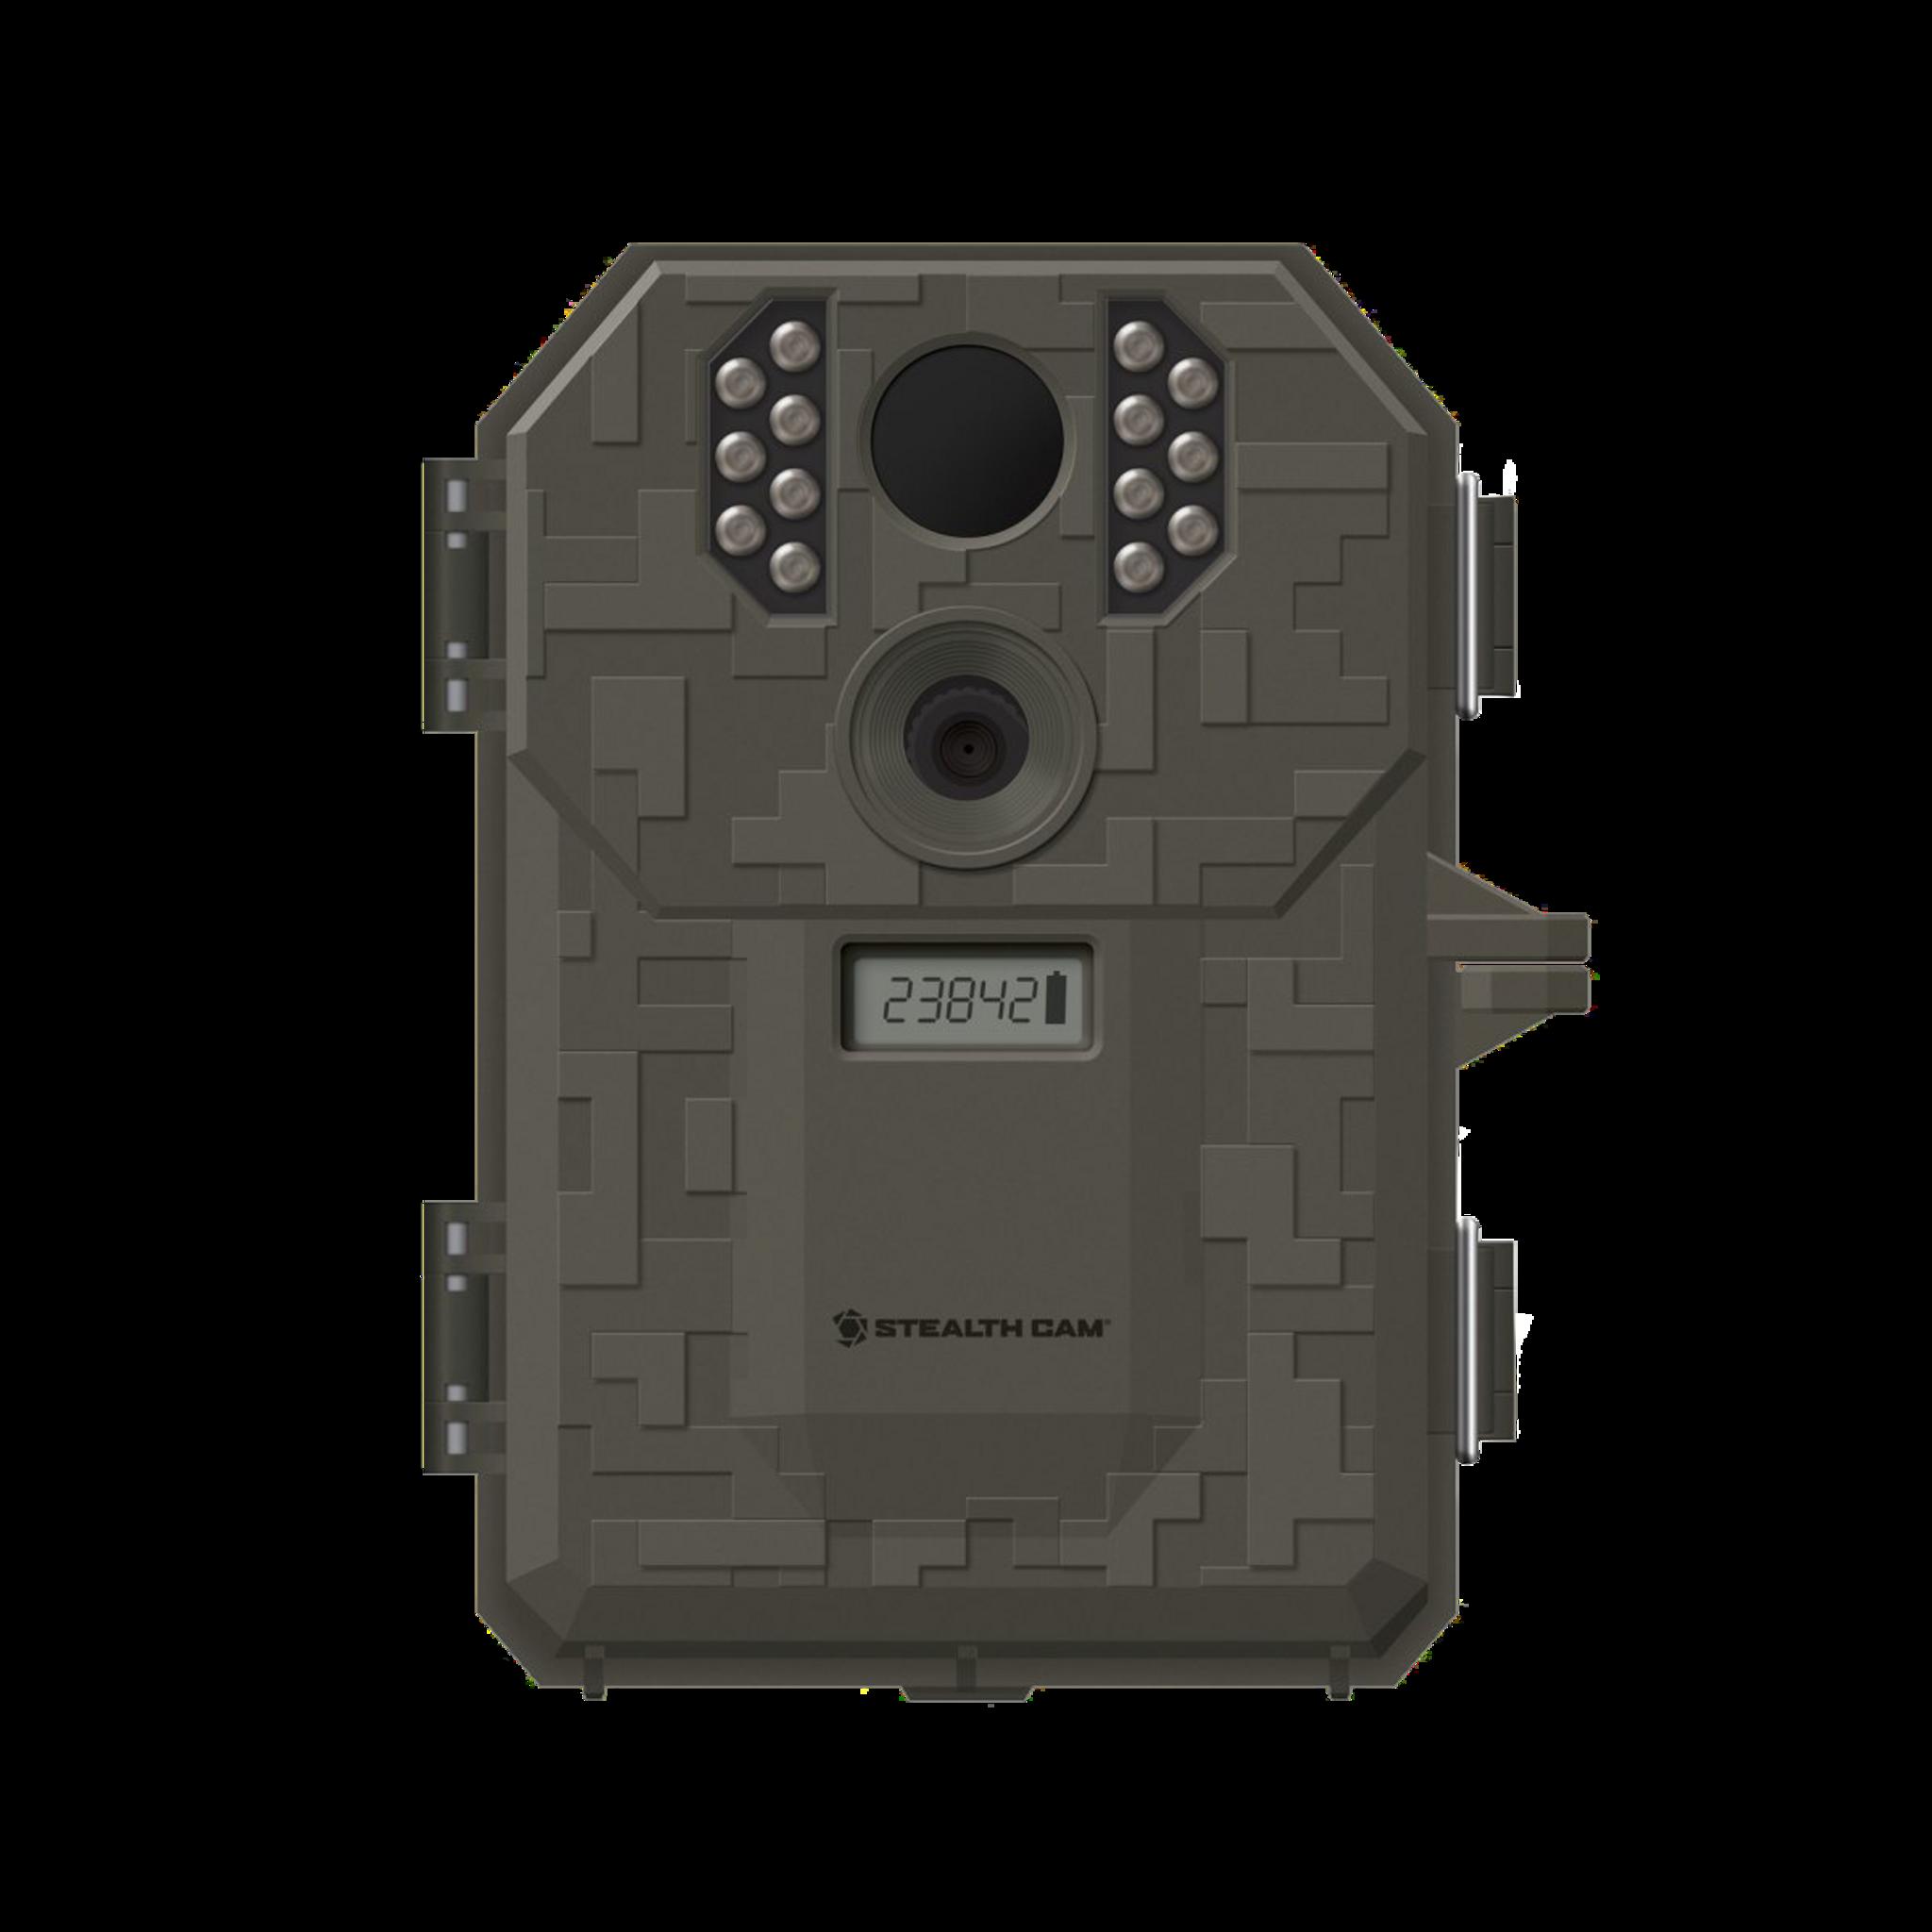 test viltkamera - Prissøk - Gir deg laveste pris 9fce7d85e1